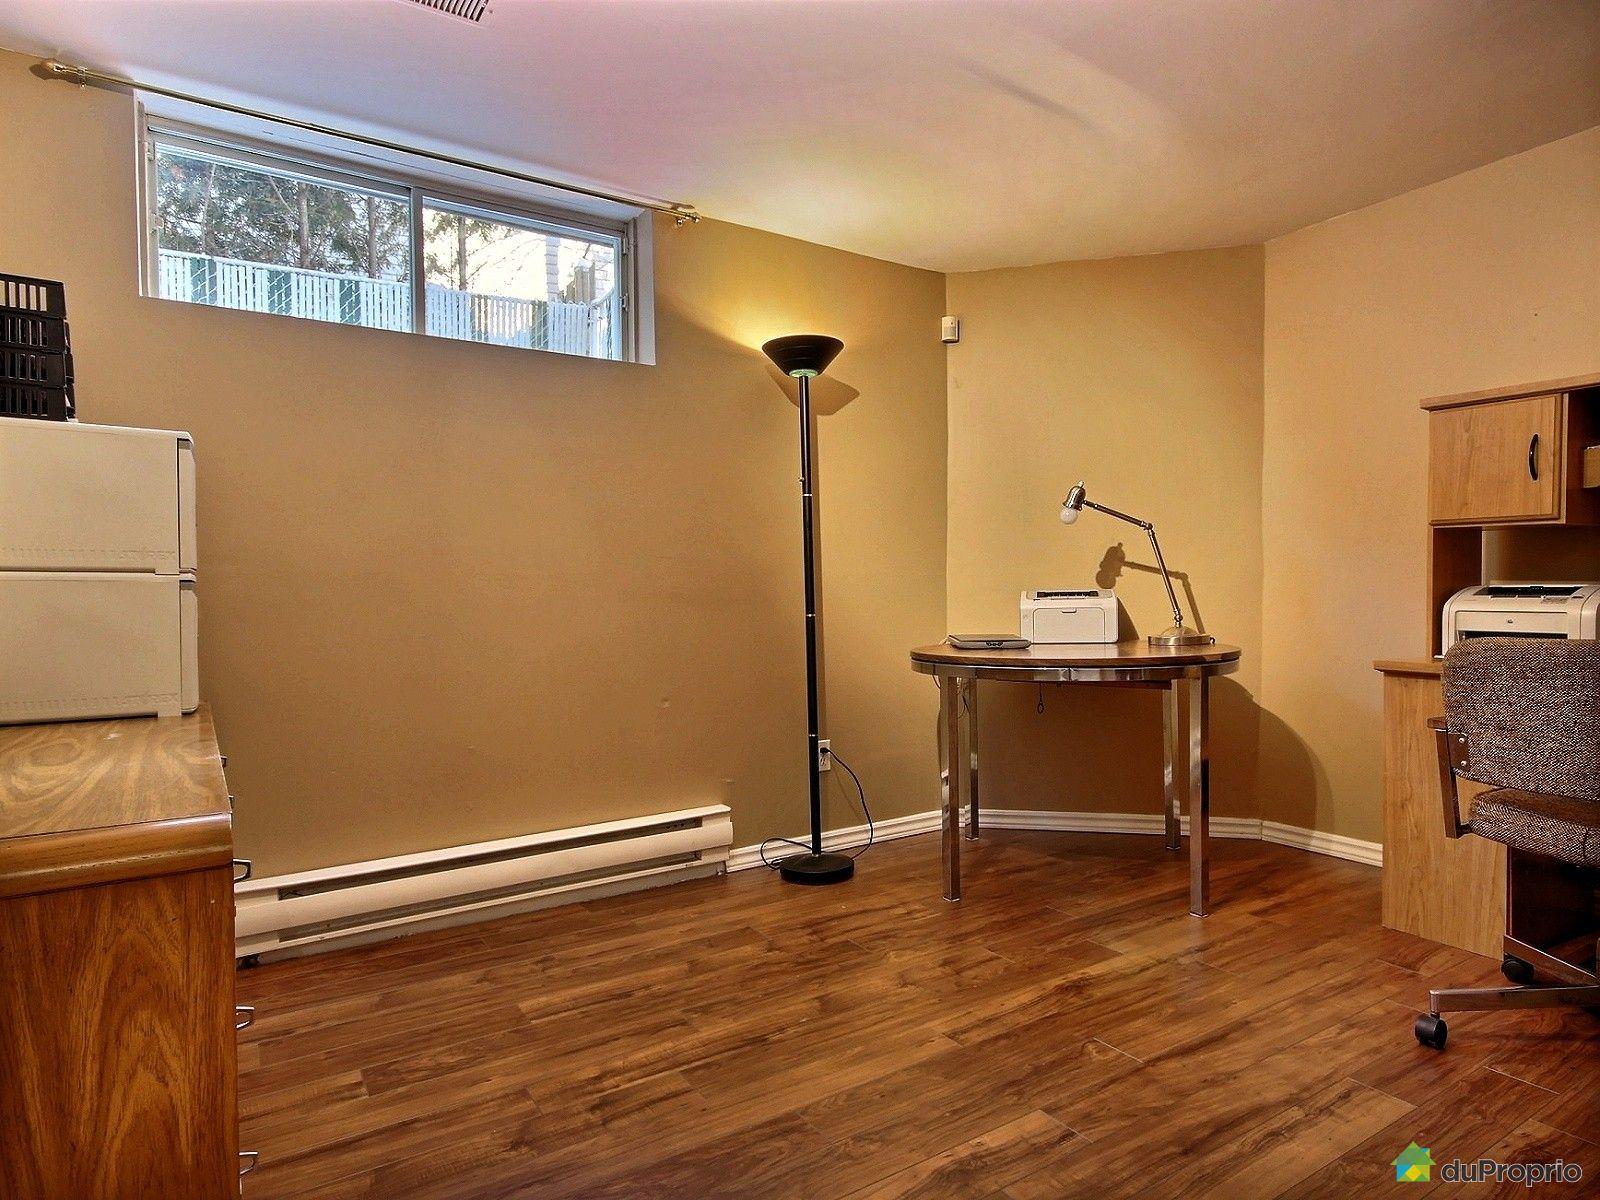 Maison vendre montr al 285 avenue maclean immobilier for Maison claire prix